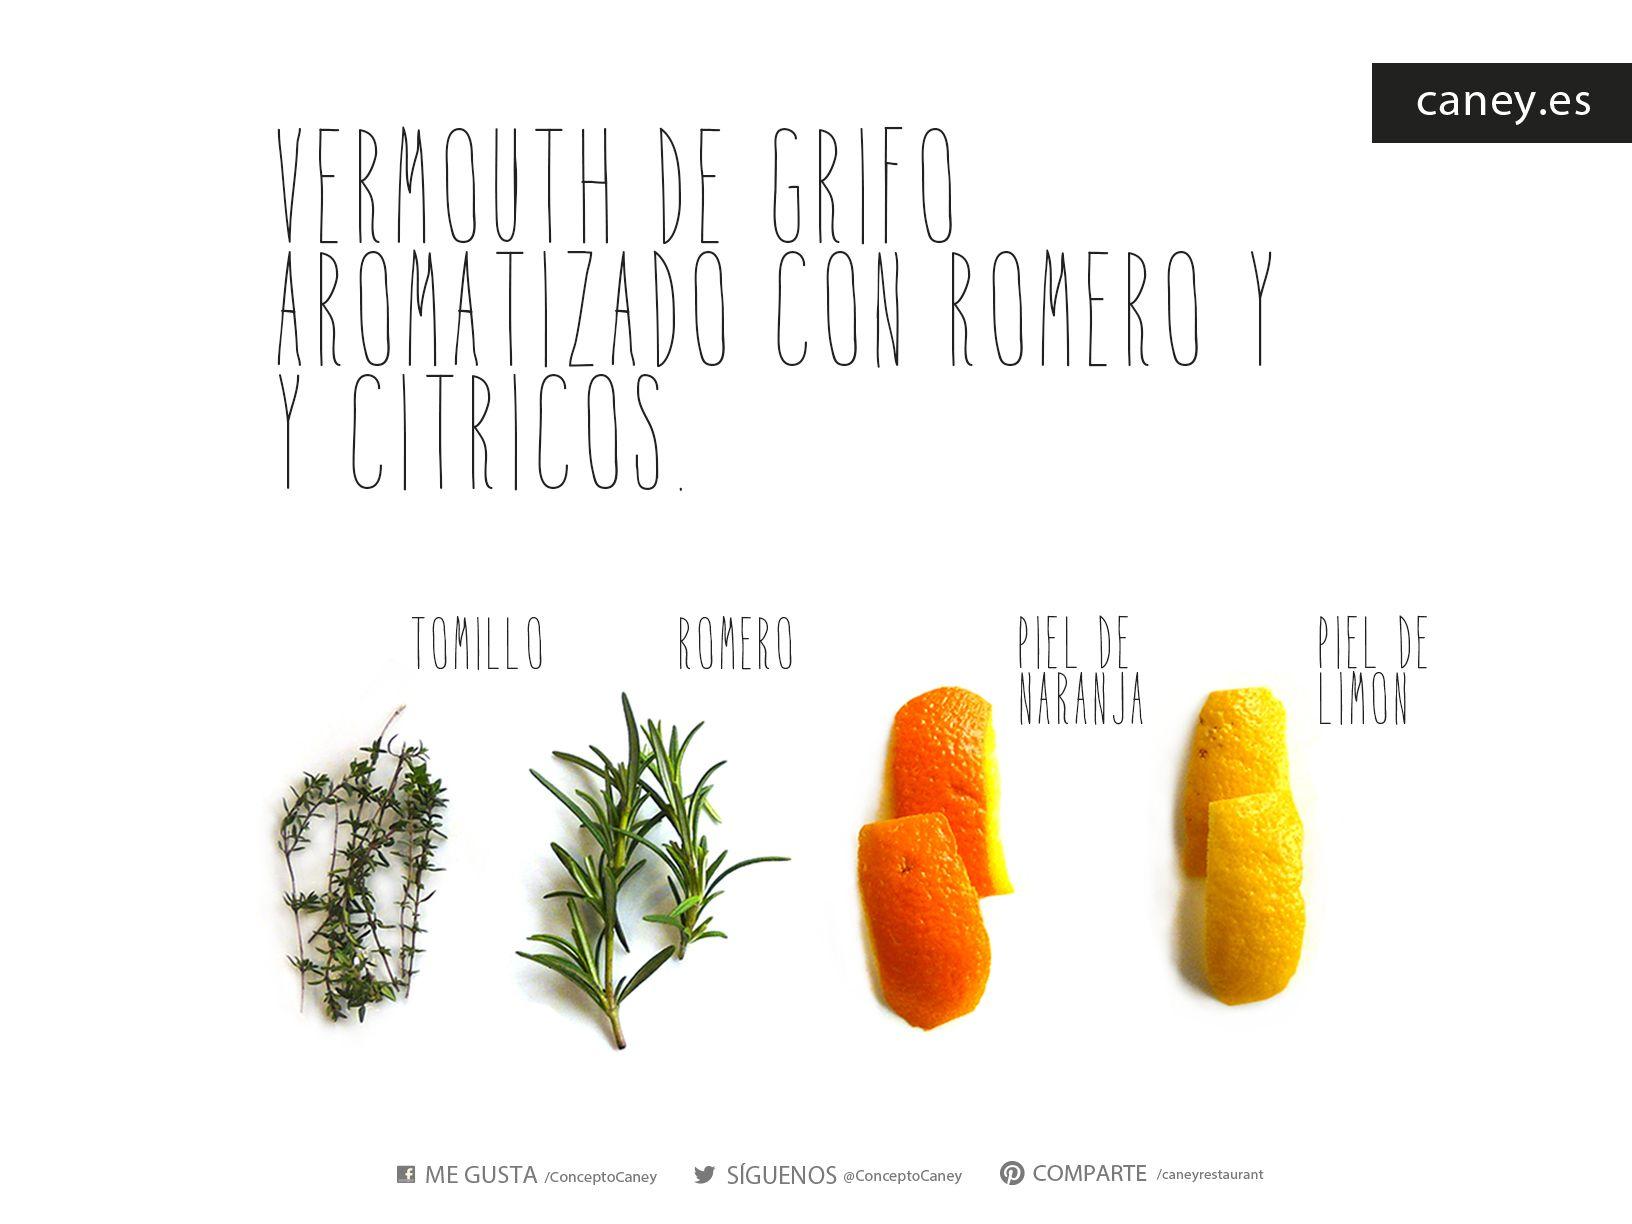 Vermouth de grifo aromatizado con romero y cítricos www.caney.es